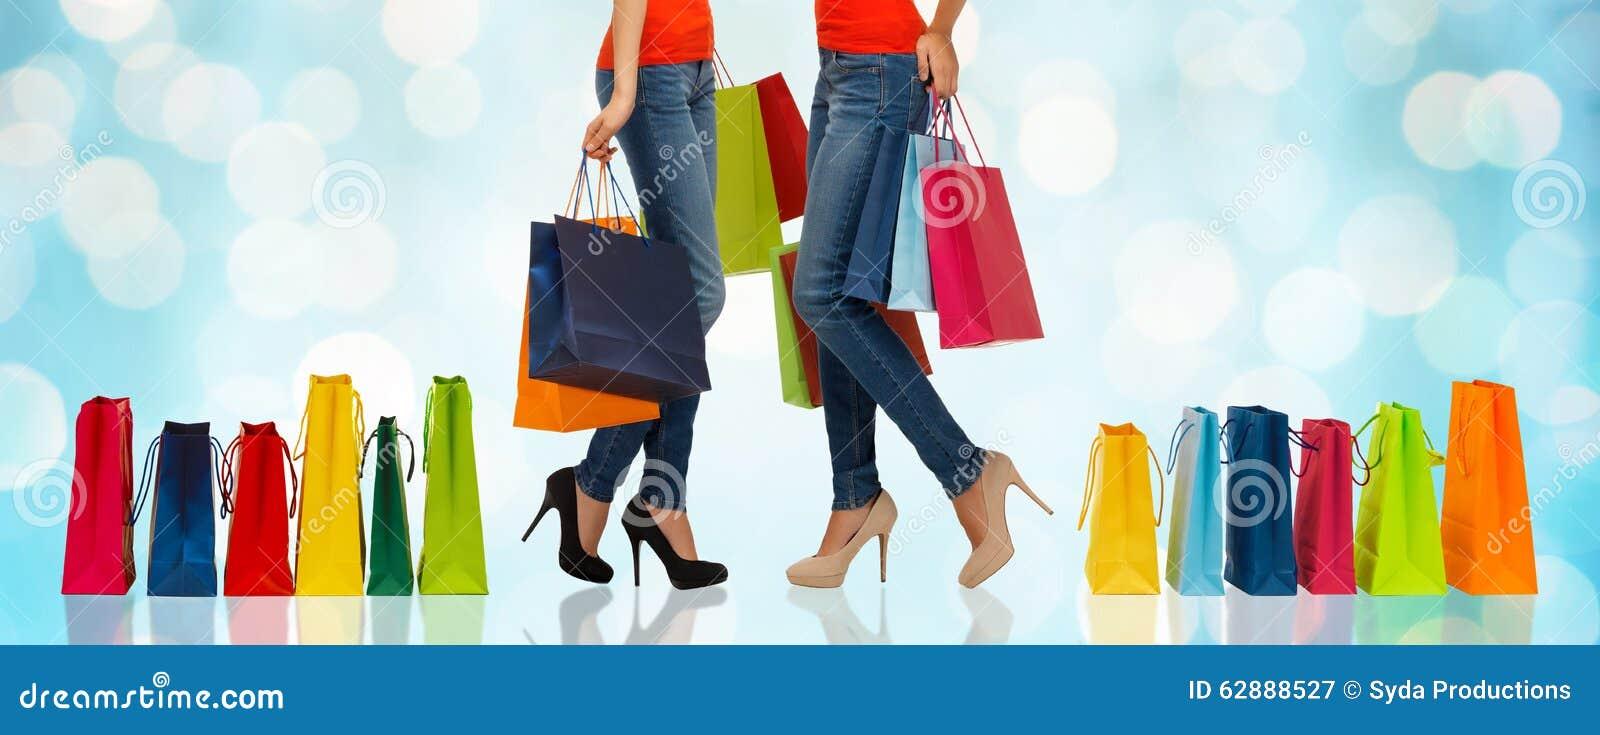 Feche acima das mulheres com sacos de compras